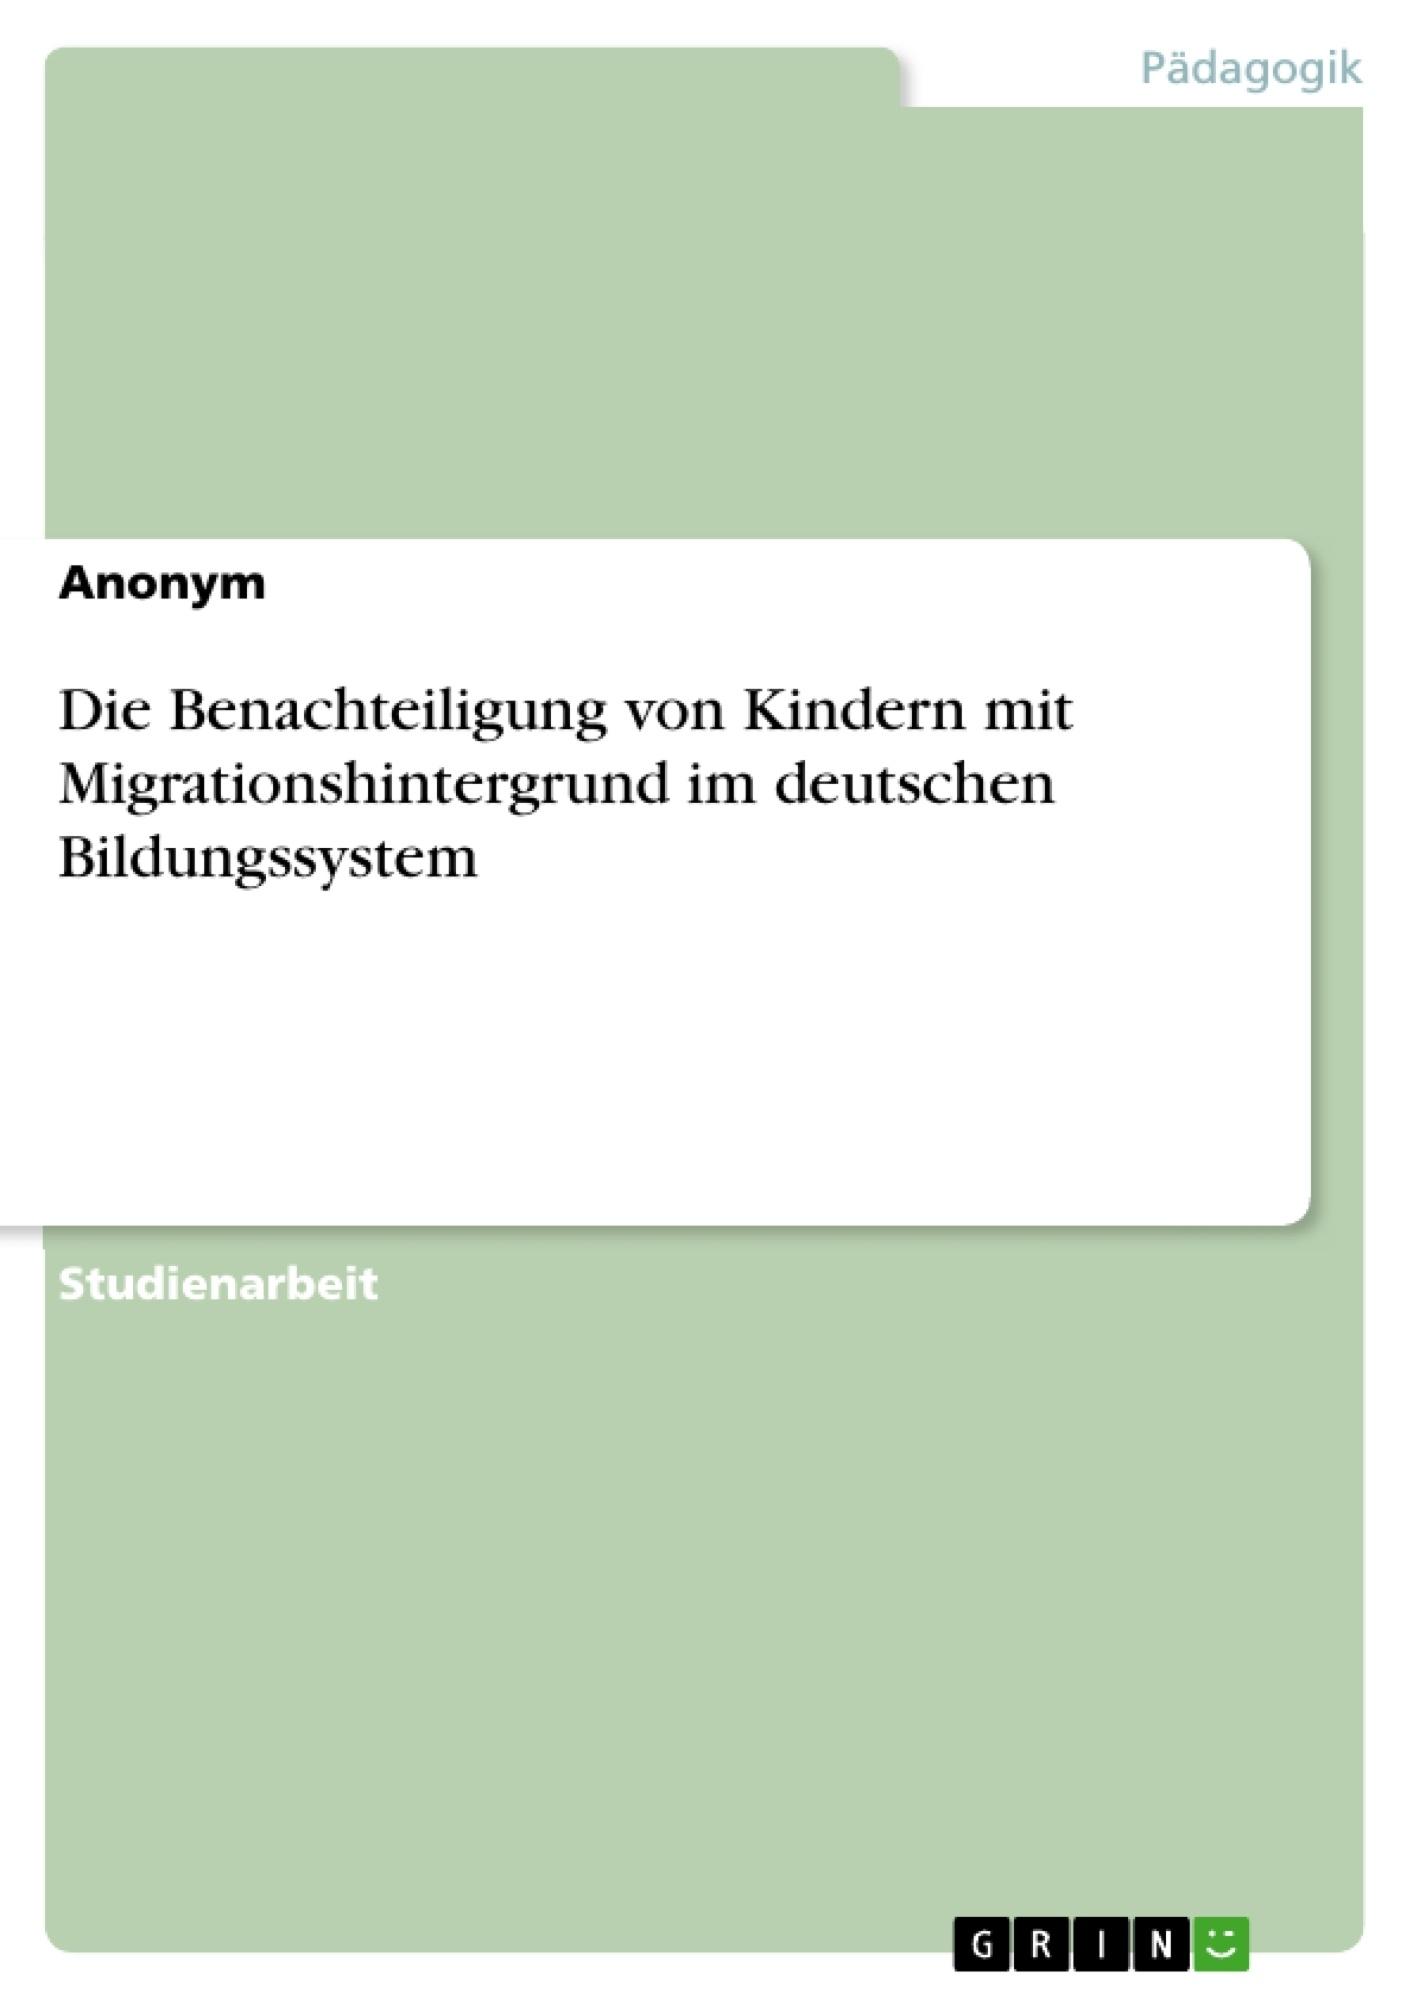 Titel: Die Benachteiligung von Kindern mit Migrationshintergrund im deutschen Bildungssystem